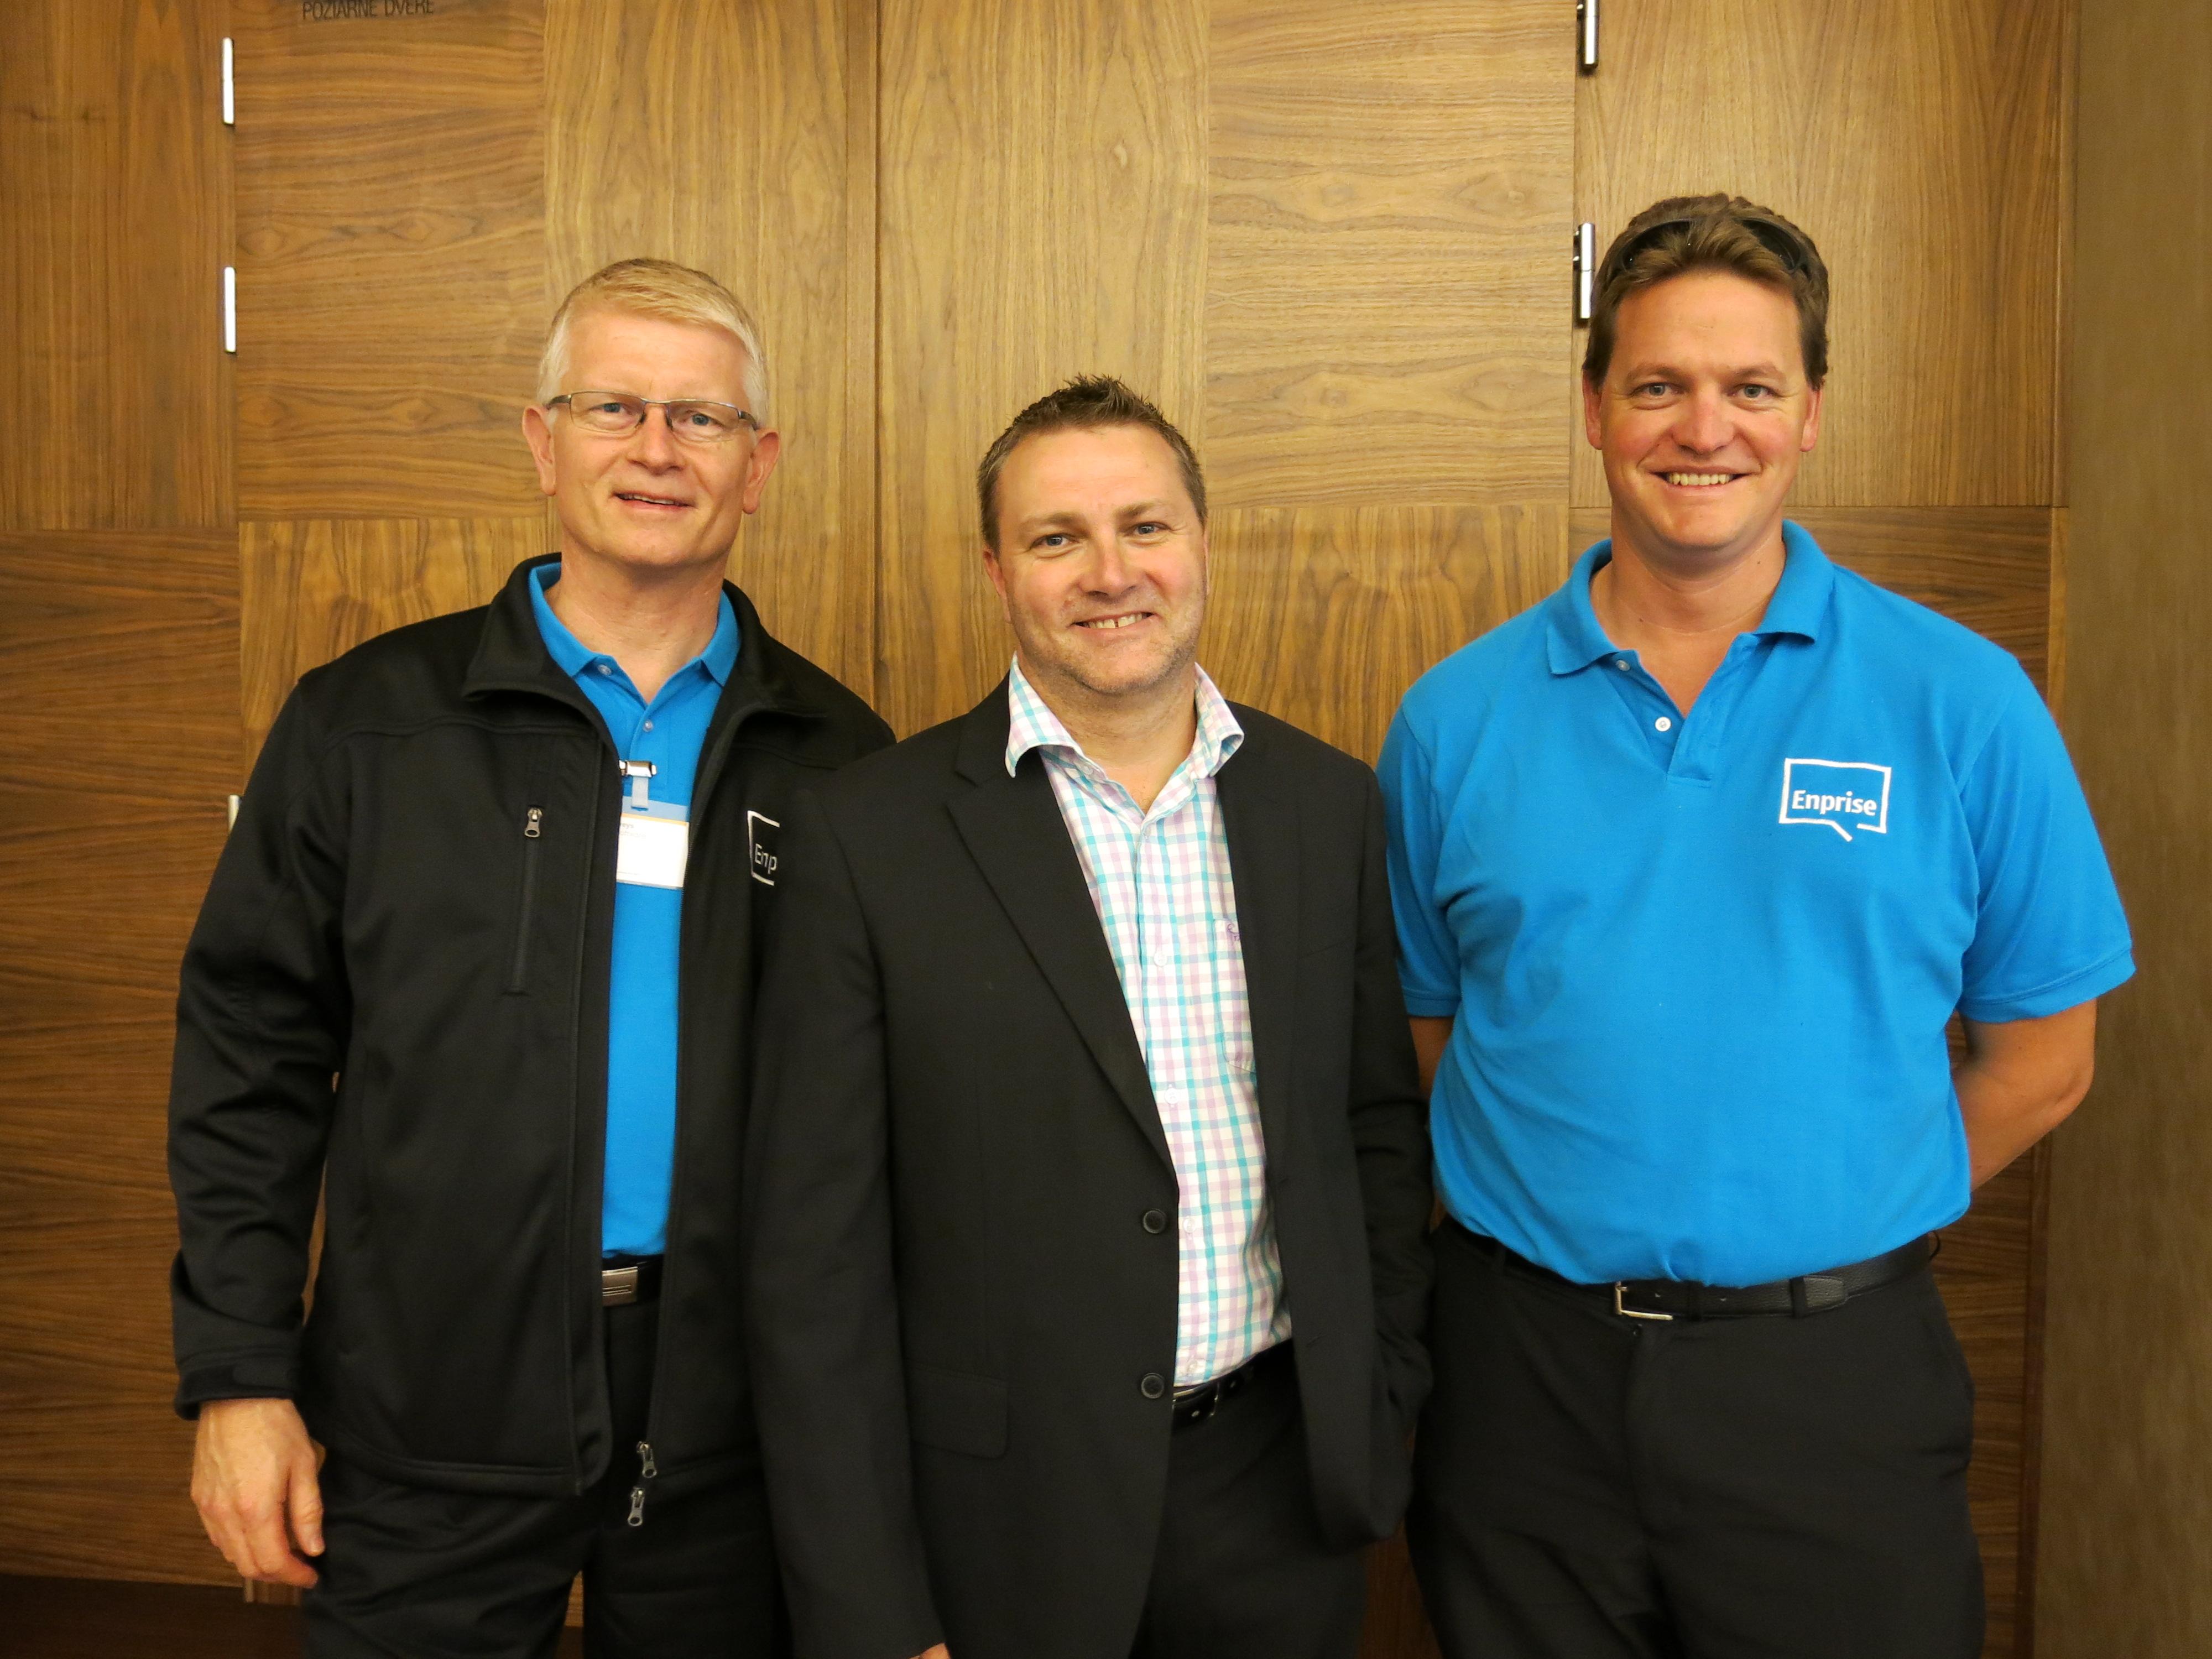 Mark Loveys, Darren de Vries and James Brading